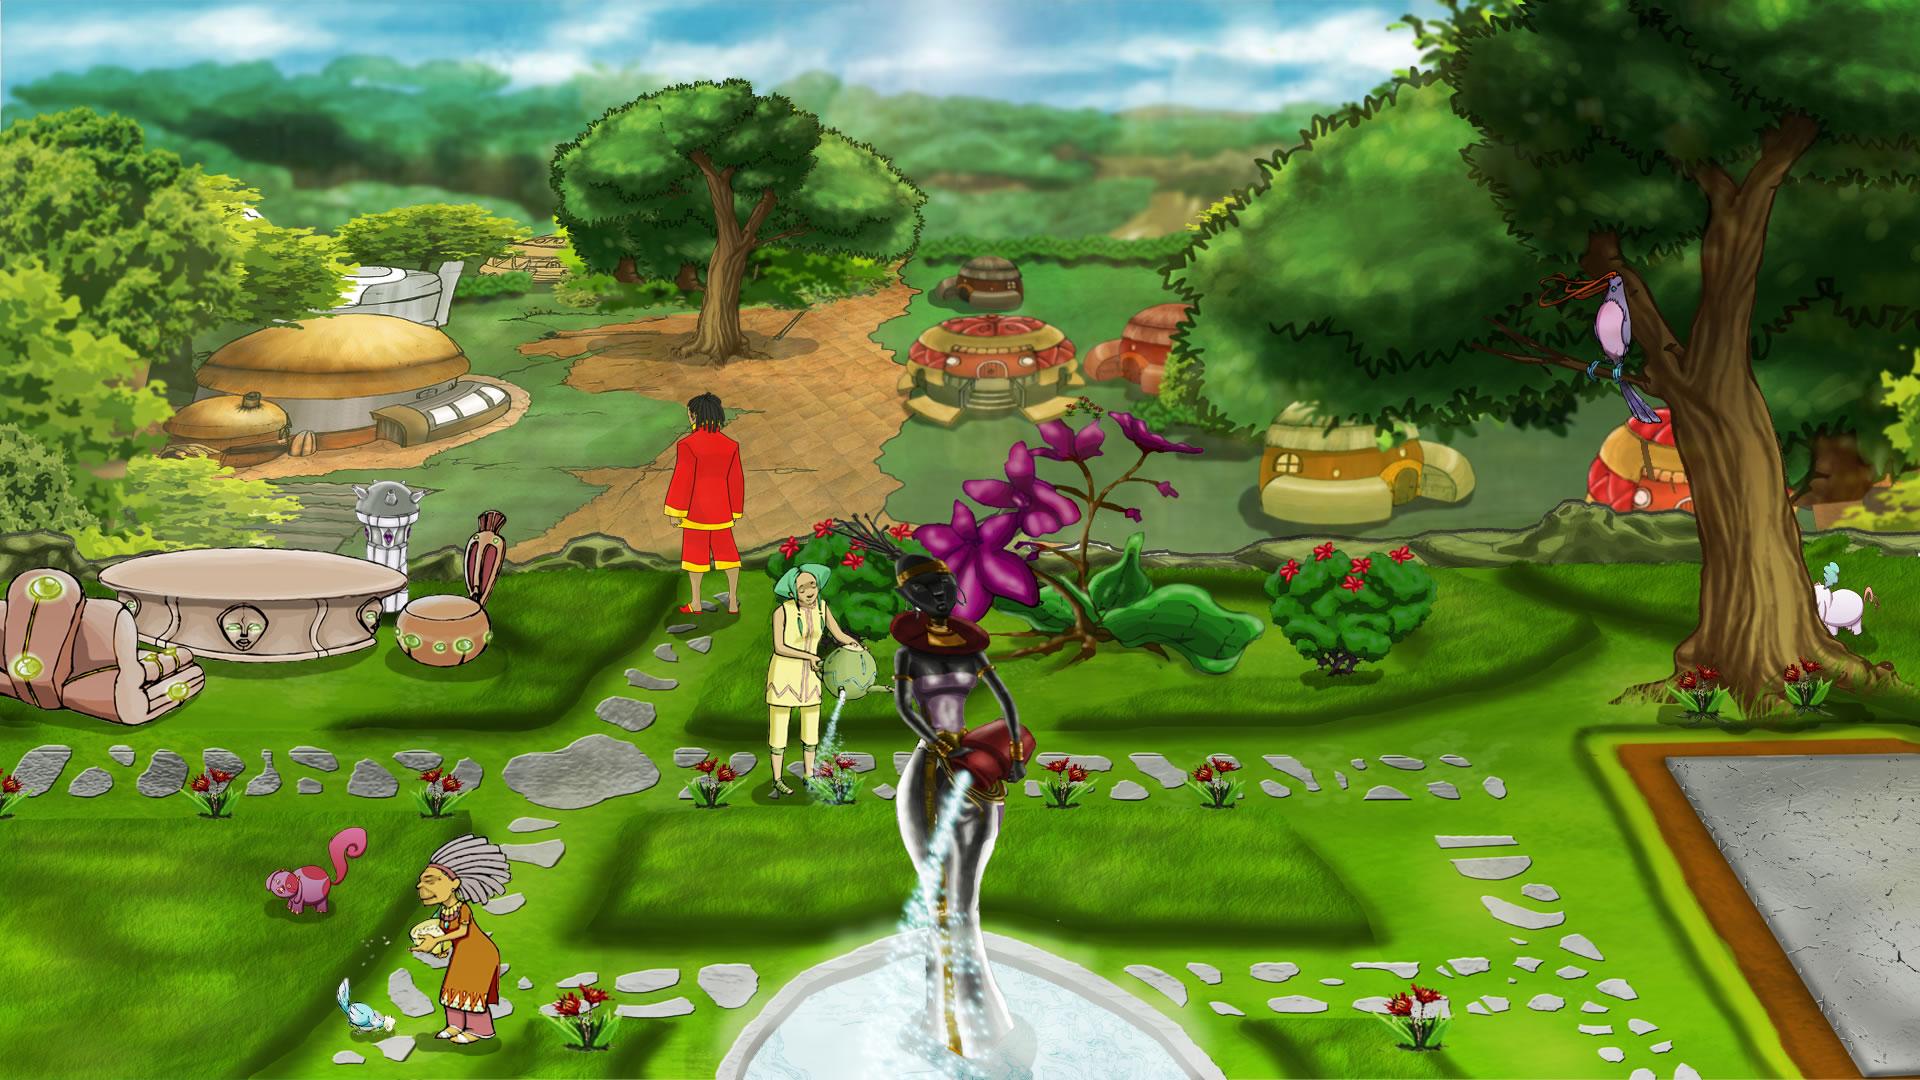 1-jardin-de-zama-1-3fed36d.jpg